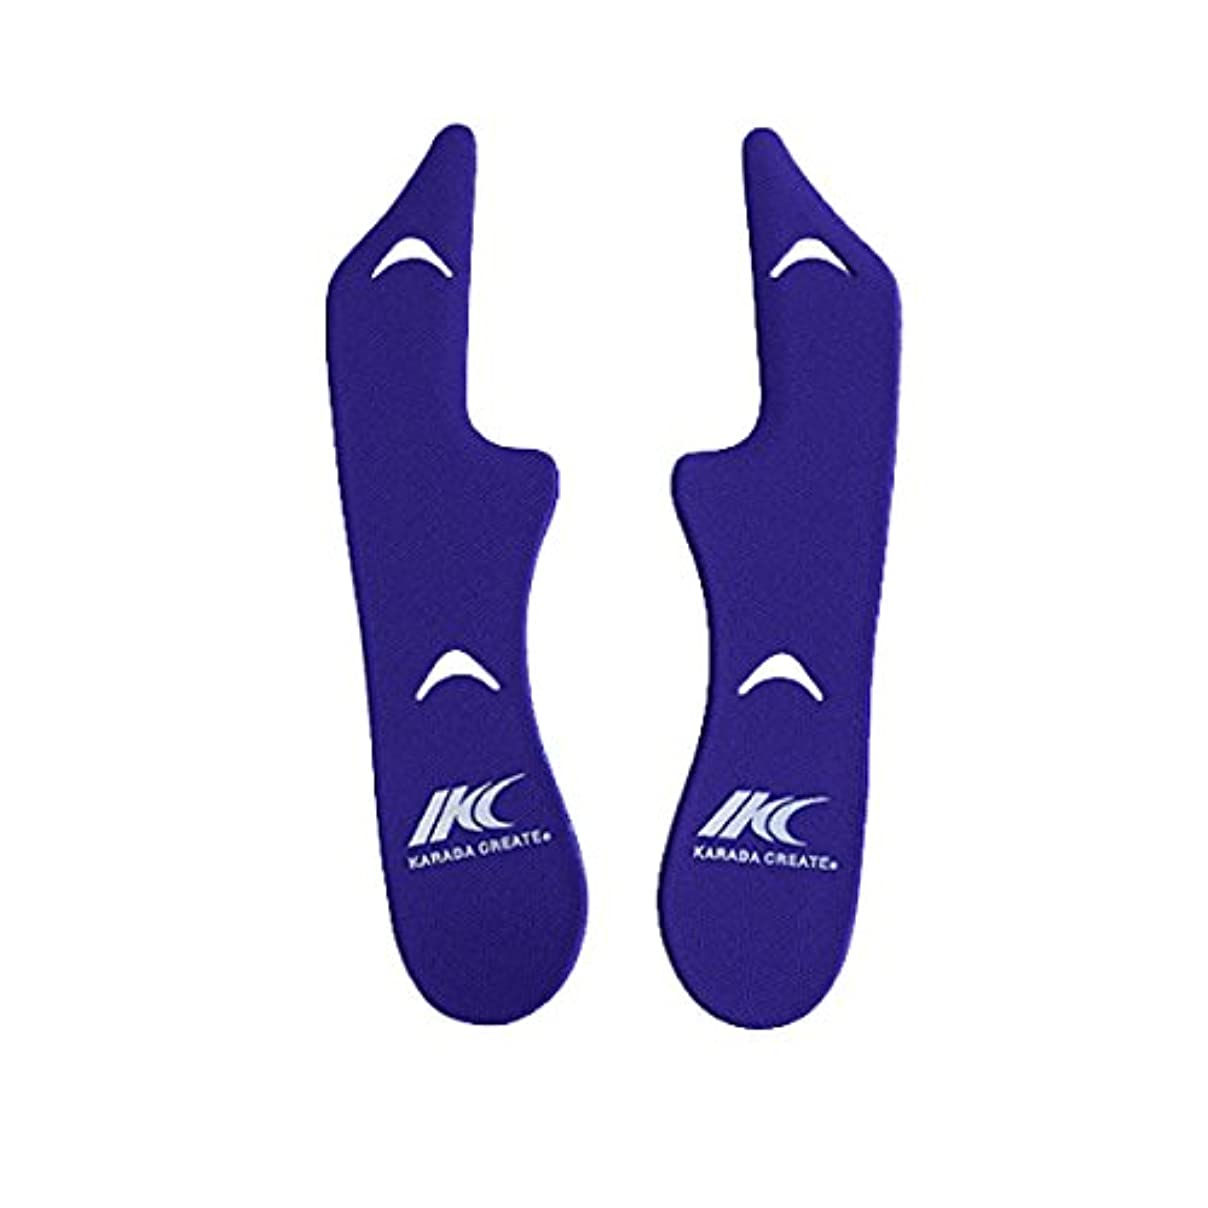 特性オリエンタル組み合わせからだクリエイト KCソールDX3趾L (ブルー)